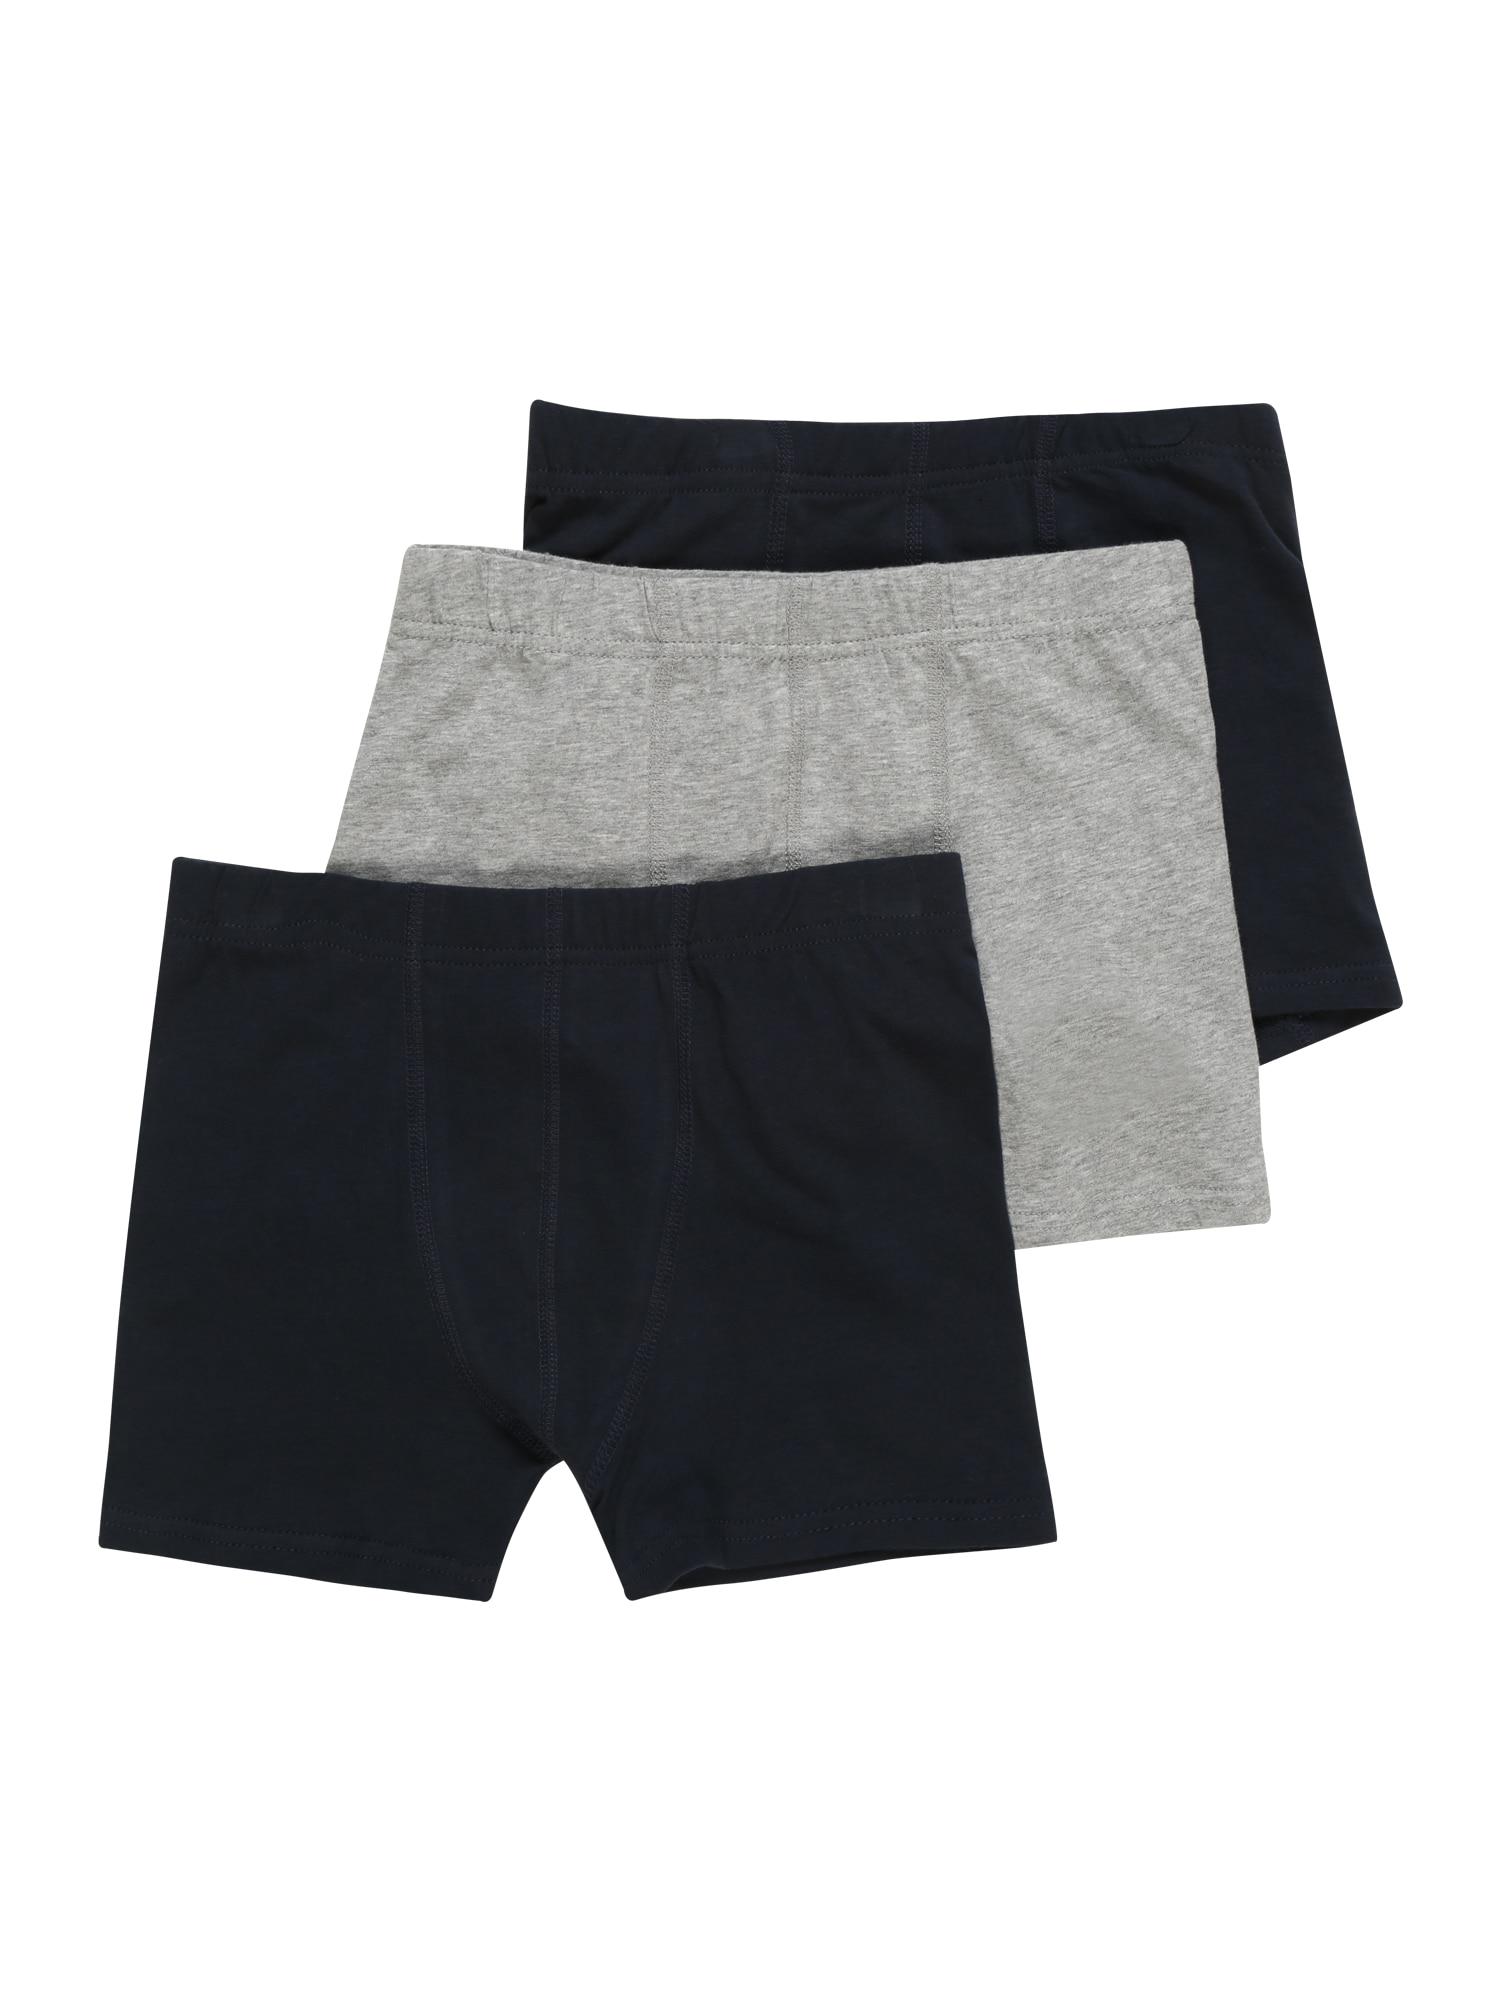 Spodní prádlo TIGHTS 3P SOLID GREY šedý melír NAME IT